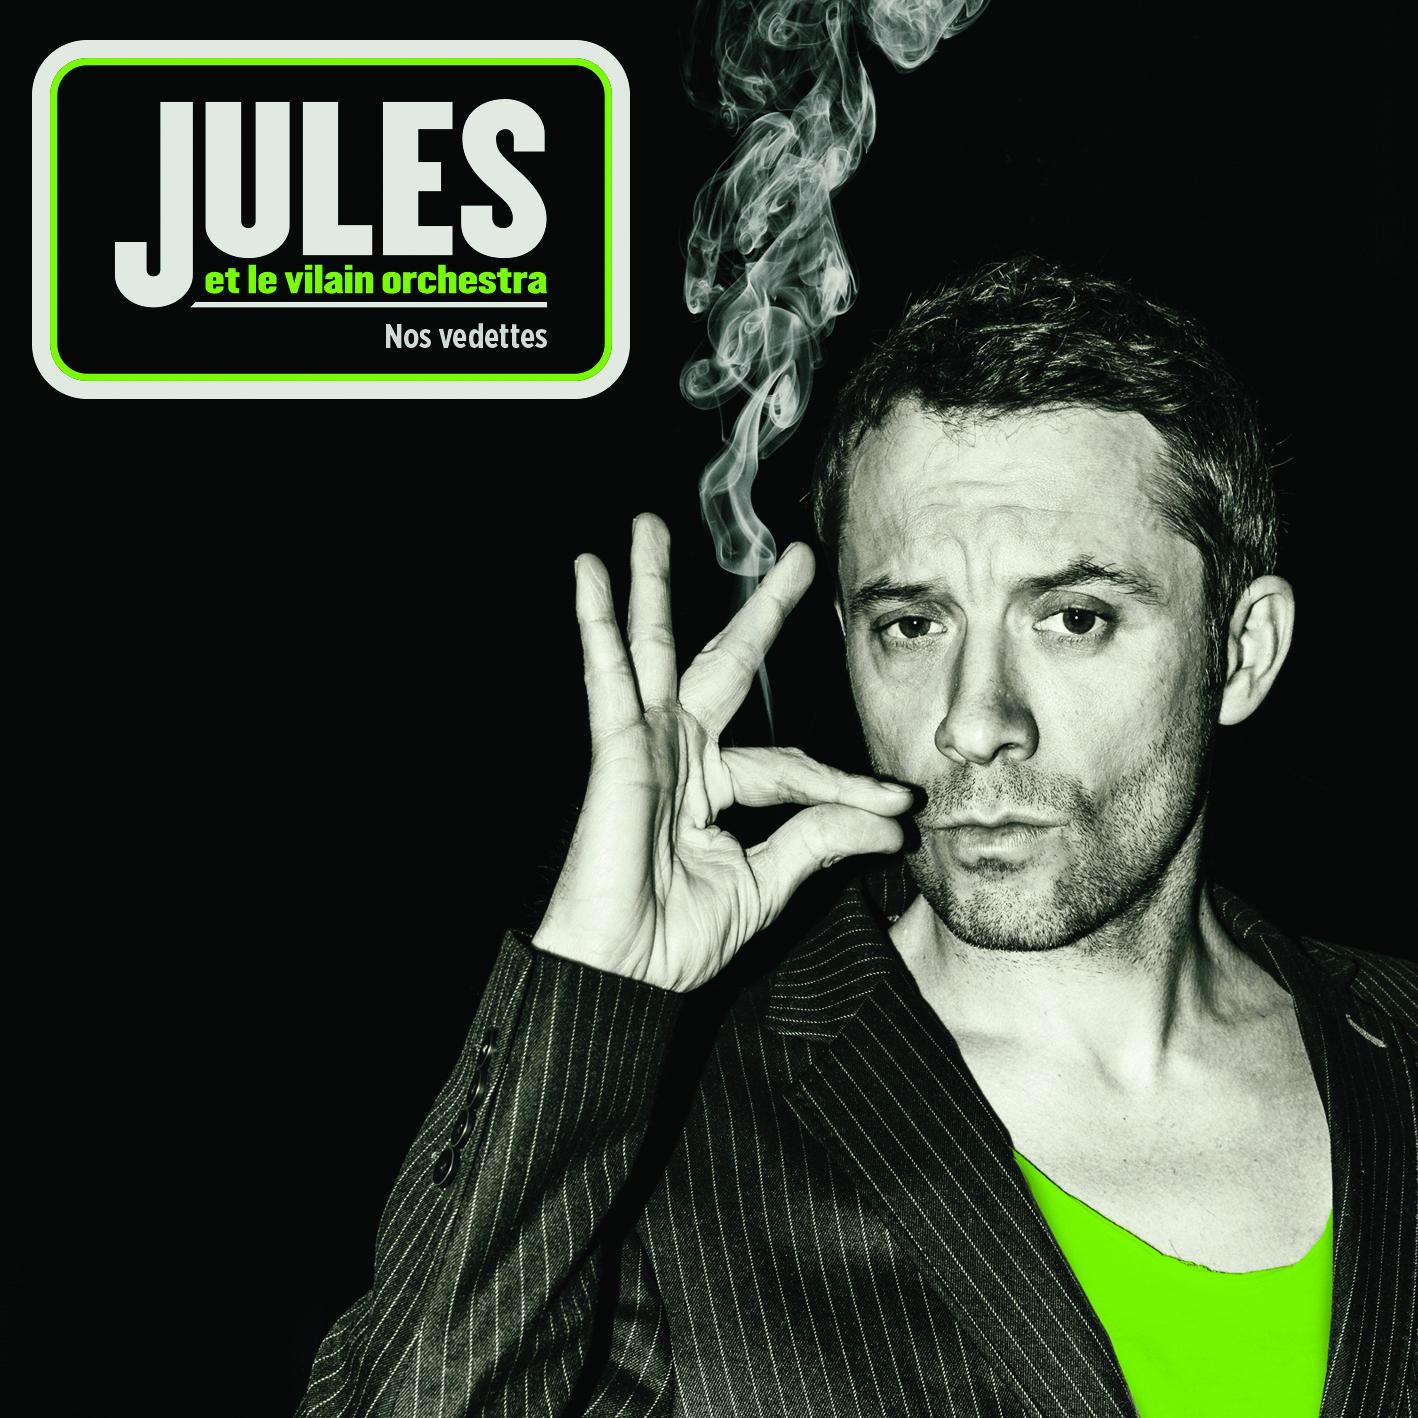 Jules, Nos Vedettes